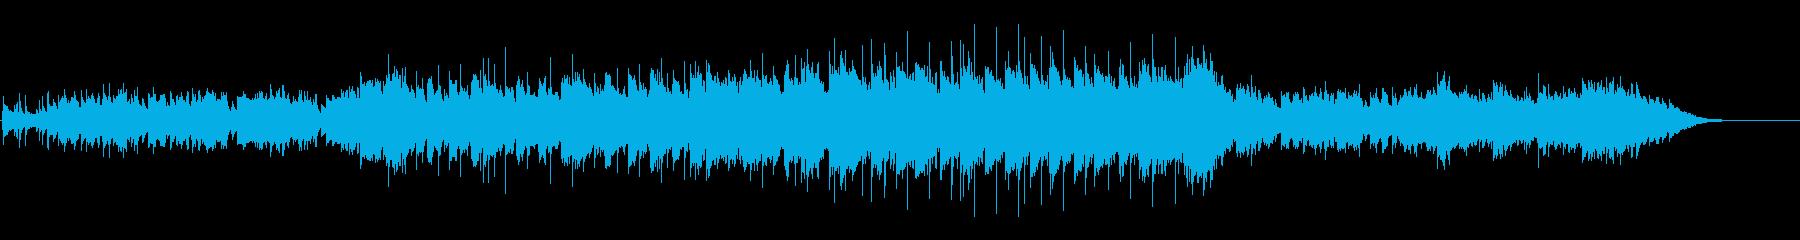 メランコリーなポップ・バラードの再生済みの波形